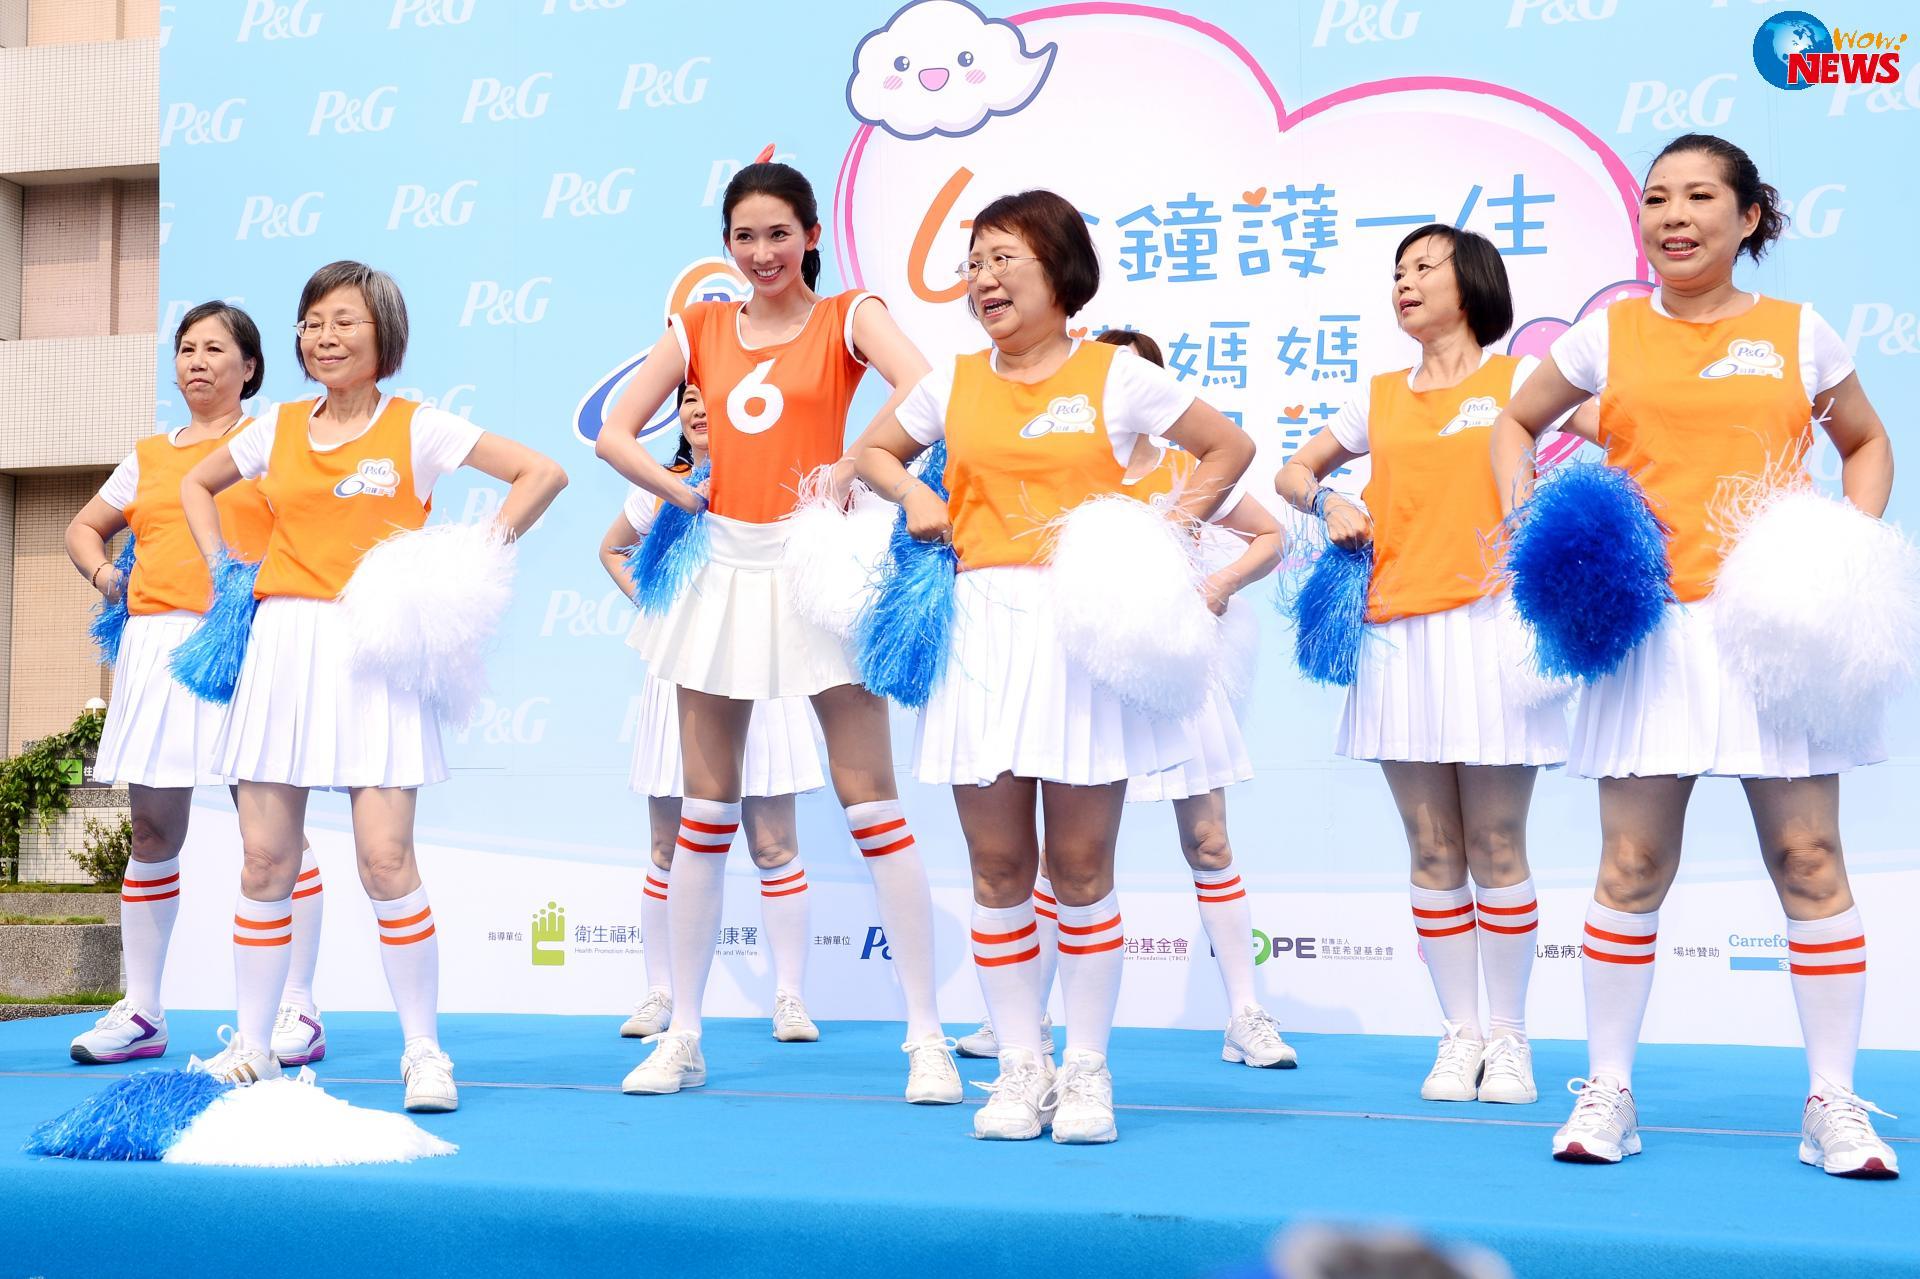 由林志玲所代言的「P&G 6分鐘護一生」公益活動今年邁入第二十年,今年她首度號召癌友們組成「6分鐘女孩」女子團體,不僅一圓自己在學生時代的熱血青春夢想,同時也藉由啦啦隊的訓練帶給癌友媽媽們最正向美麗的能量,鼓勵這些團員好姊妹們要活得健康和精彩!適逢母親節前夕,林志玲率先帶領可愛的小朋友們送康乃馨給媽媽,現場還難得獻出私房按摩術幫病友媽媽按摩!而意外現身的迷你粉絲大膽示愛送親親,讓林志玲直呼好害羞,緊抱小女孩搶當正牌媽,更是讓現場氣氛High到最高點! 志玲姊姊以鄰家女孩的親切形象獲得民眾的喜愛,